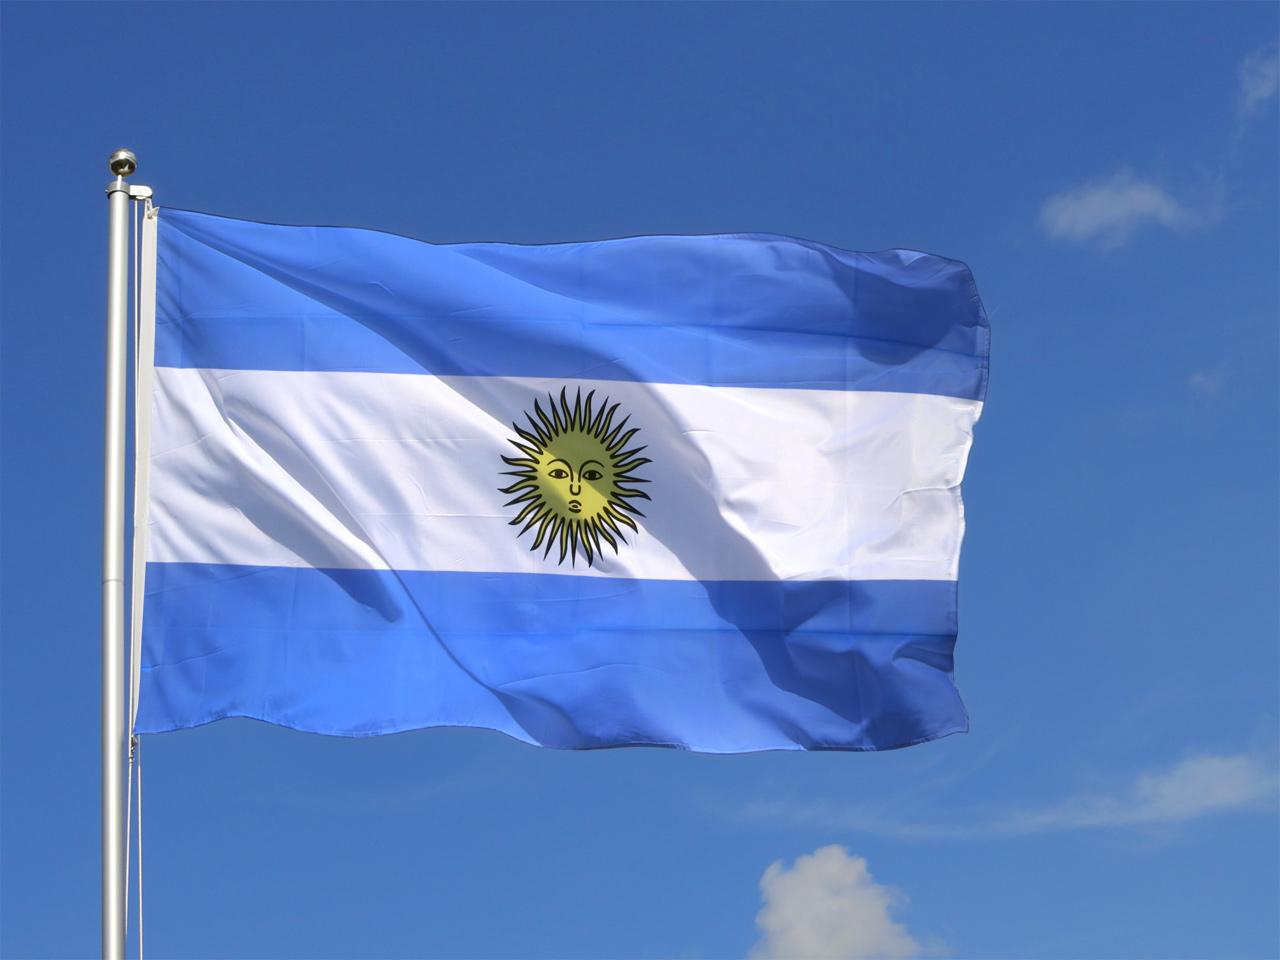 Le drapeau de l'Argentine